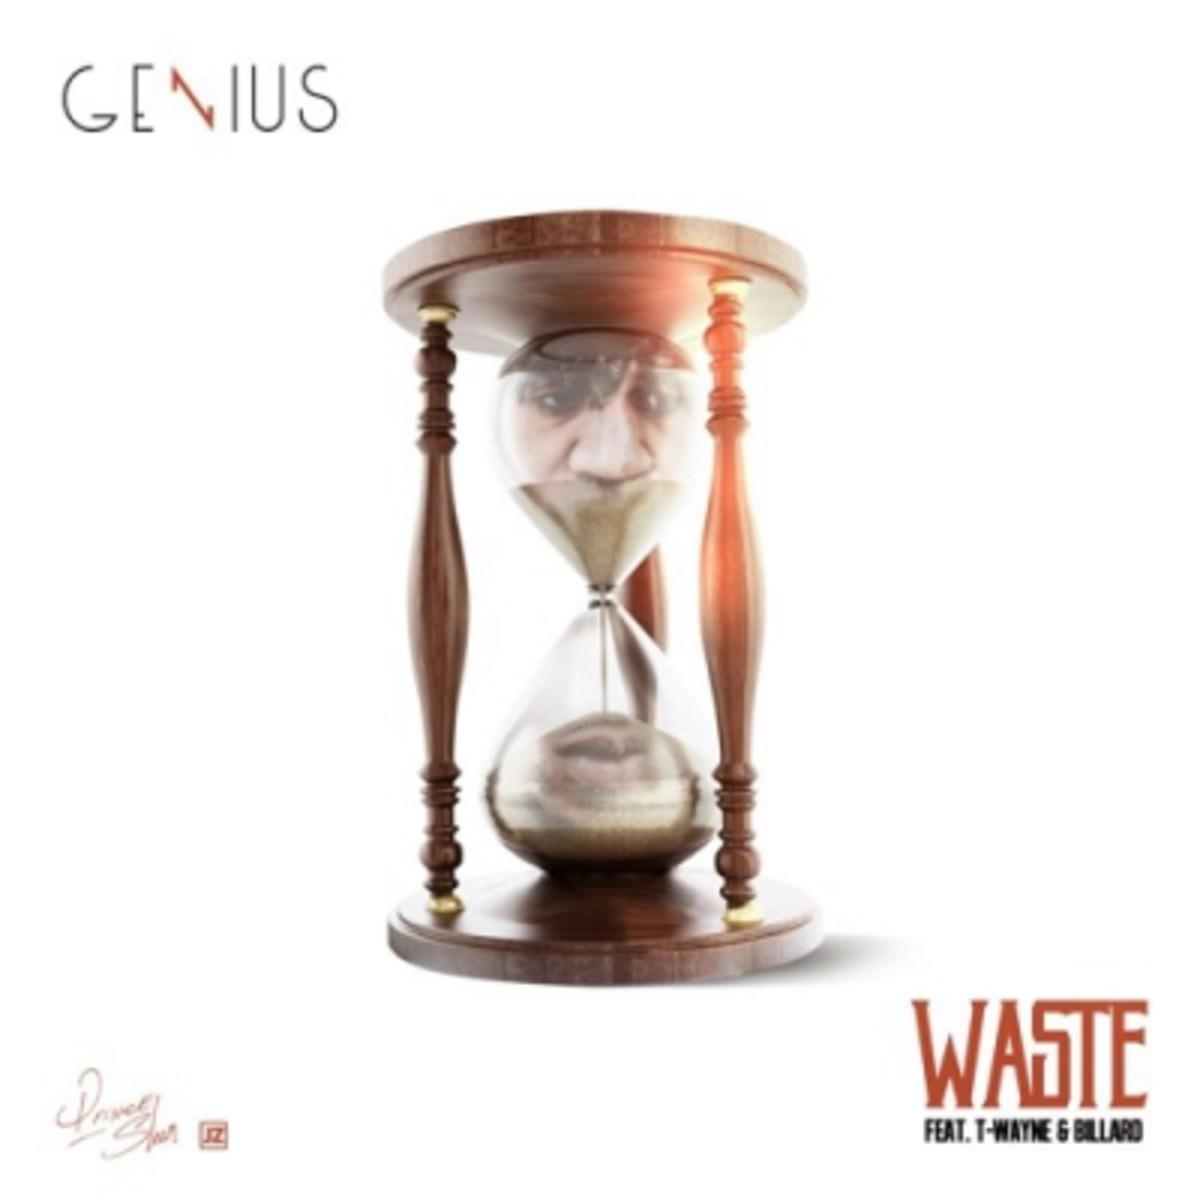 genius-waste.jpg